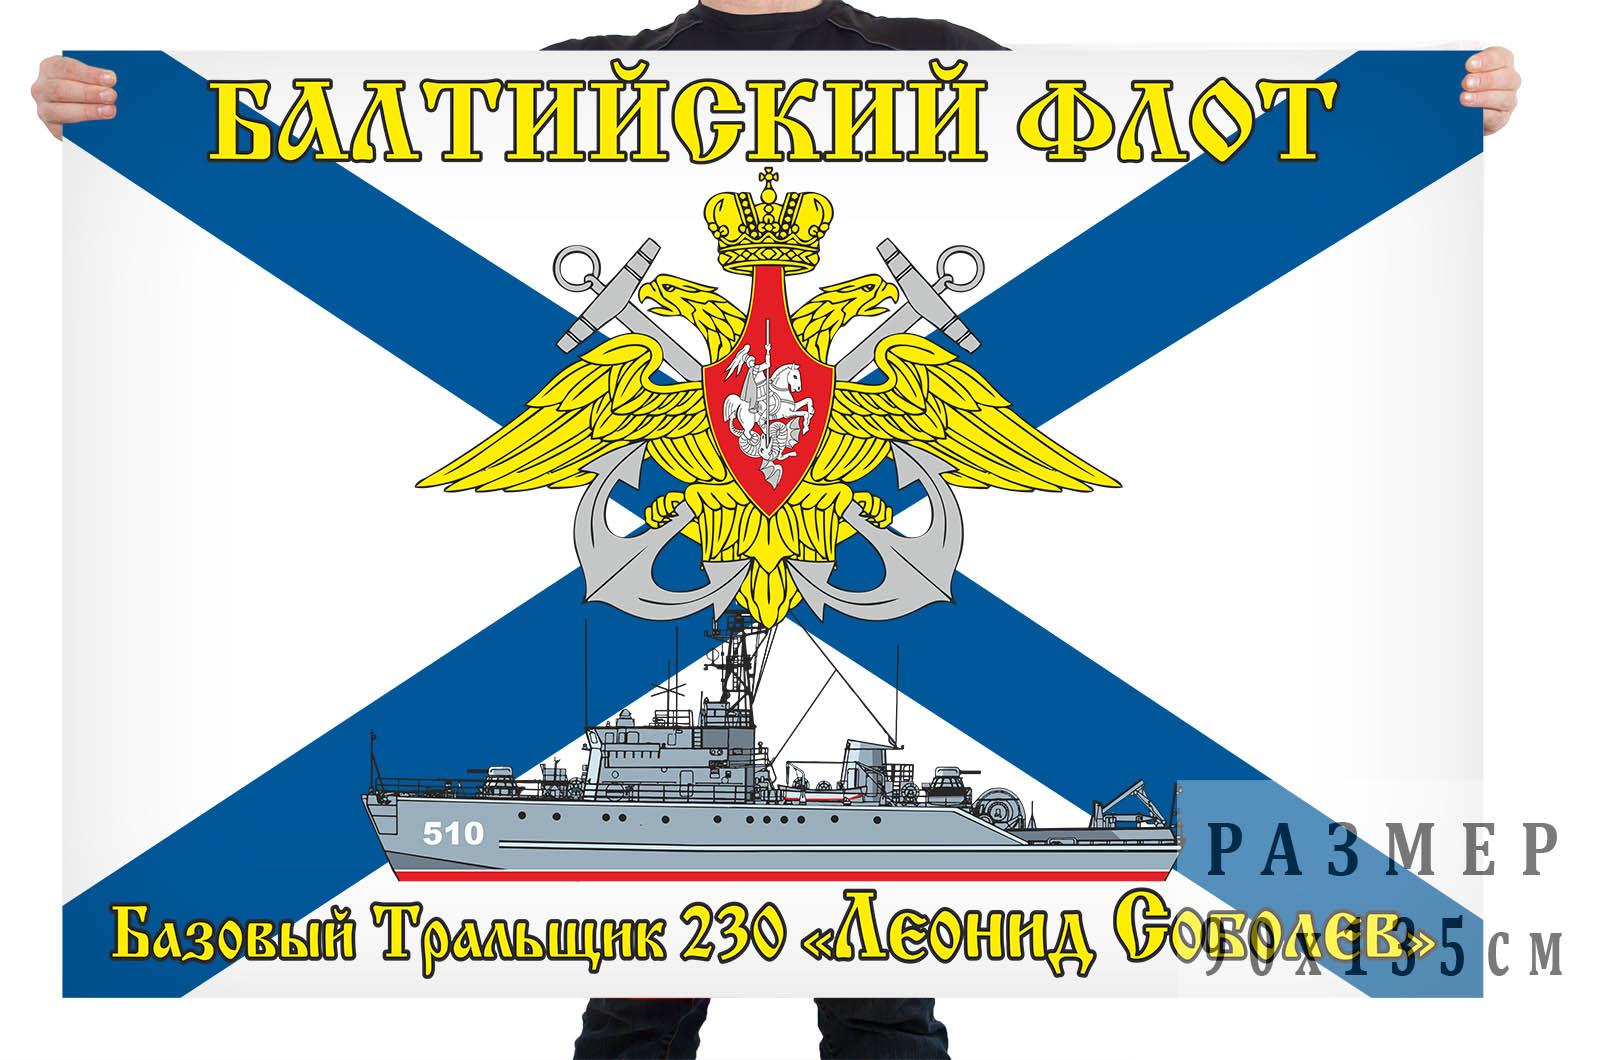 """Флаг базового тральщика 230 """"Леонид Соболев"""""""